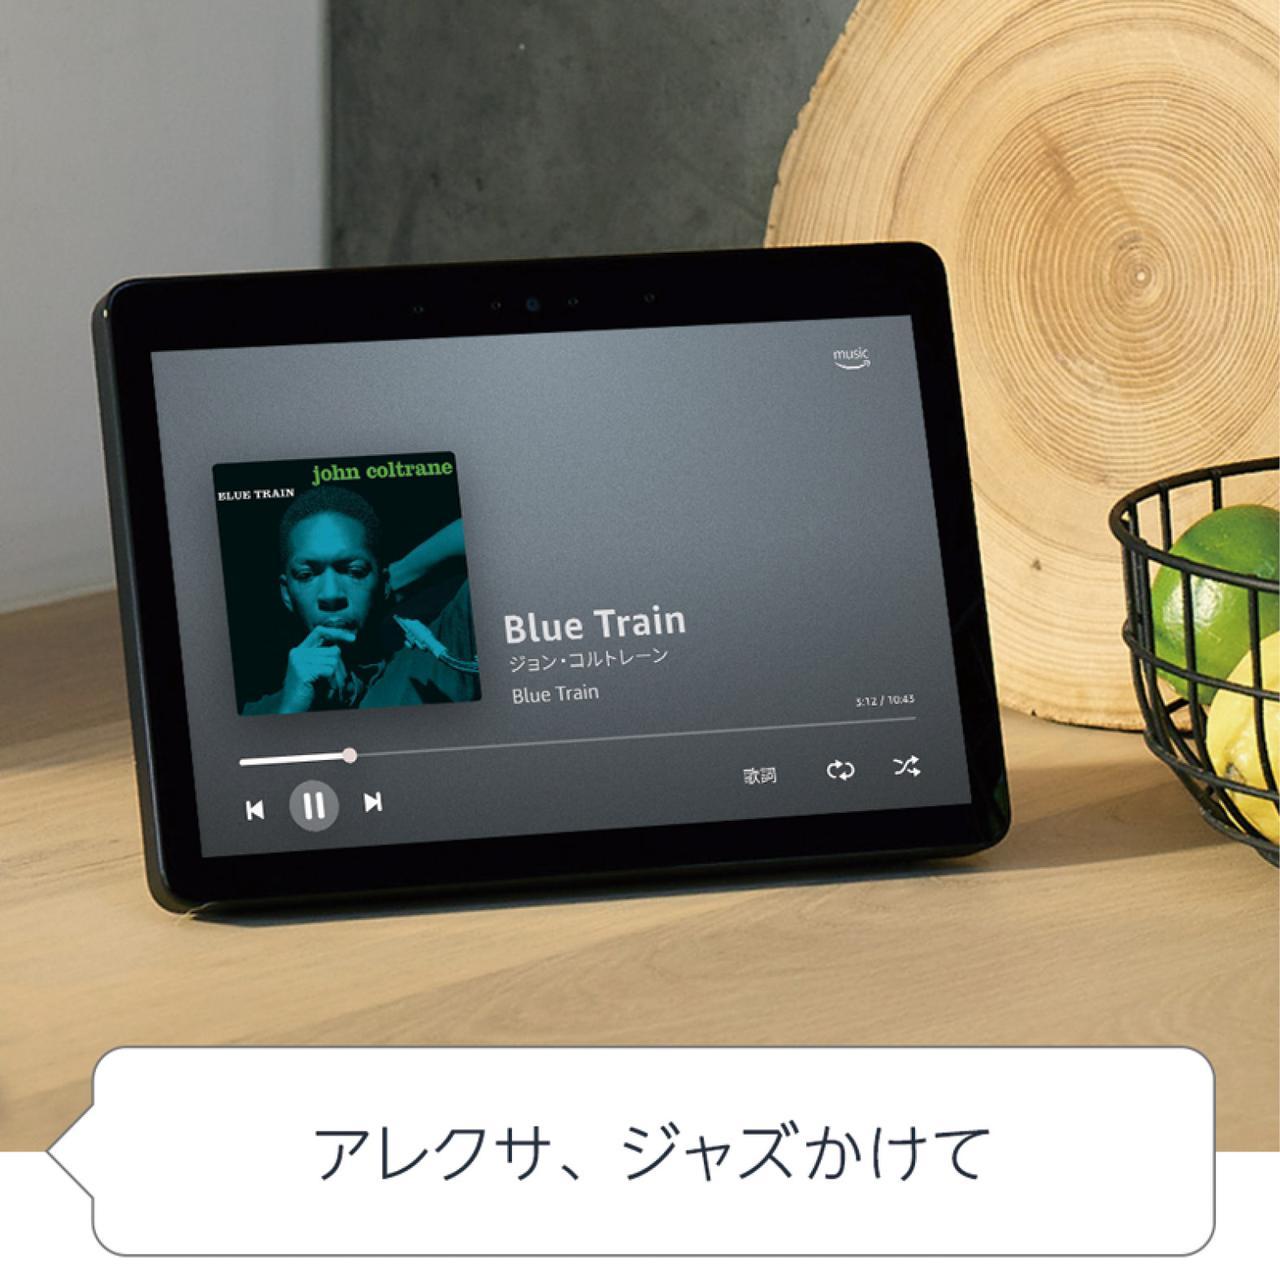 画像: Dolbyプロセッシング搭載のスピーカーは音楽を楽しむにも向く。大画面スクリーンはタッチ操作にも対応。家電との連係に便利なスマートホームハブ機能も備えている。